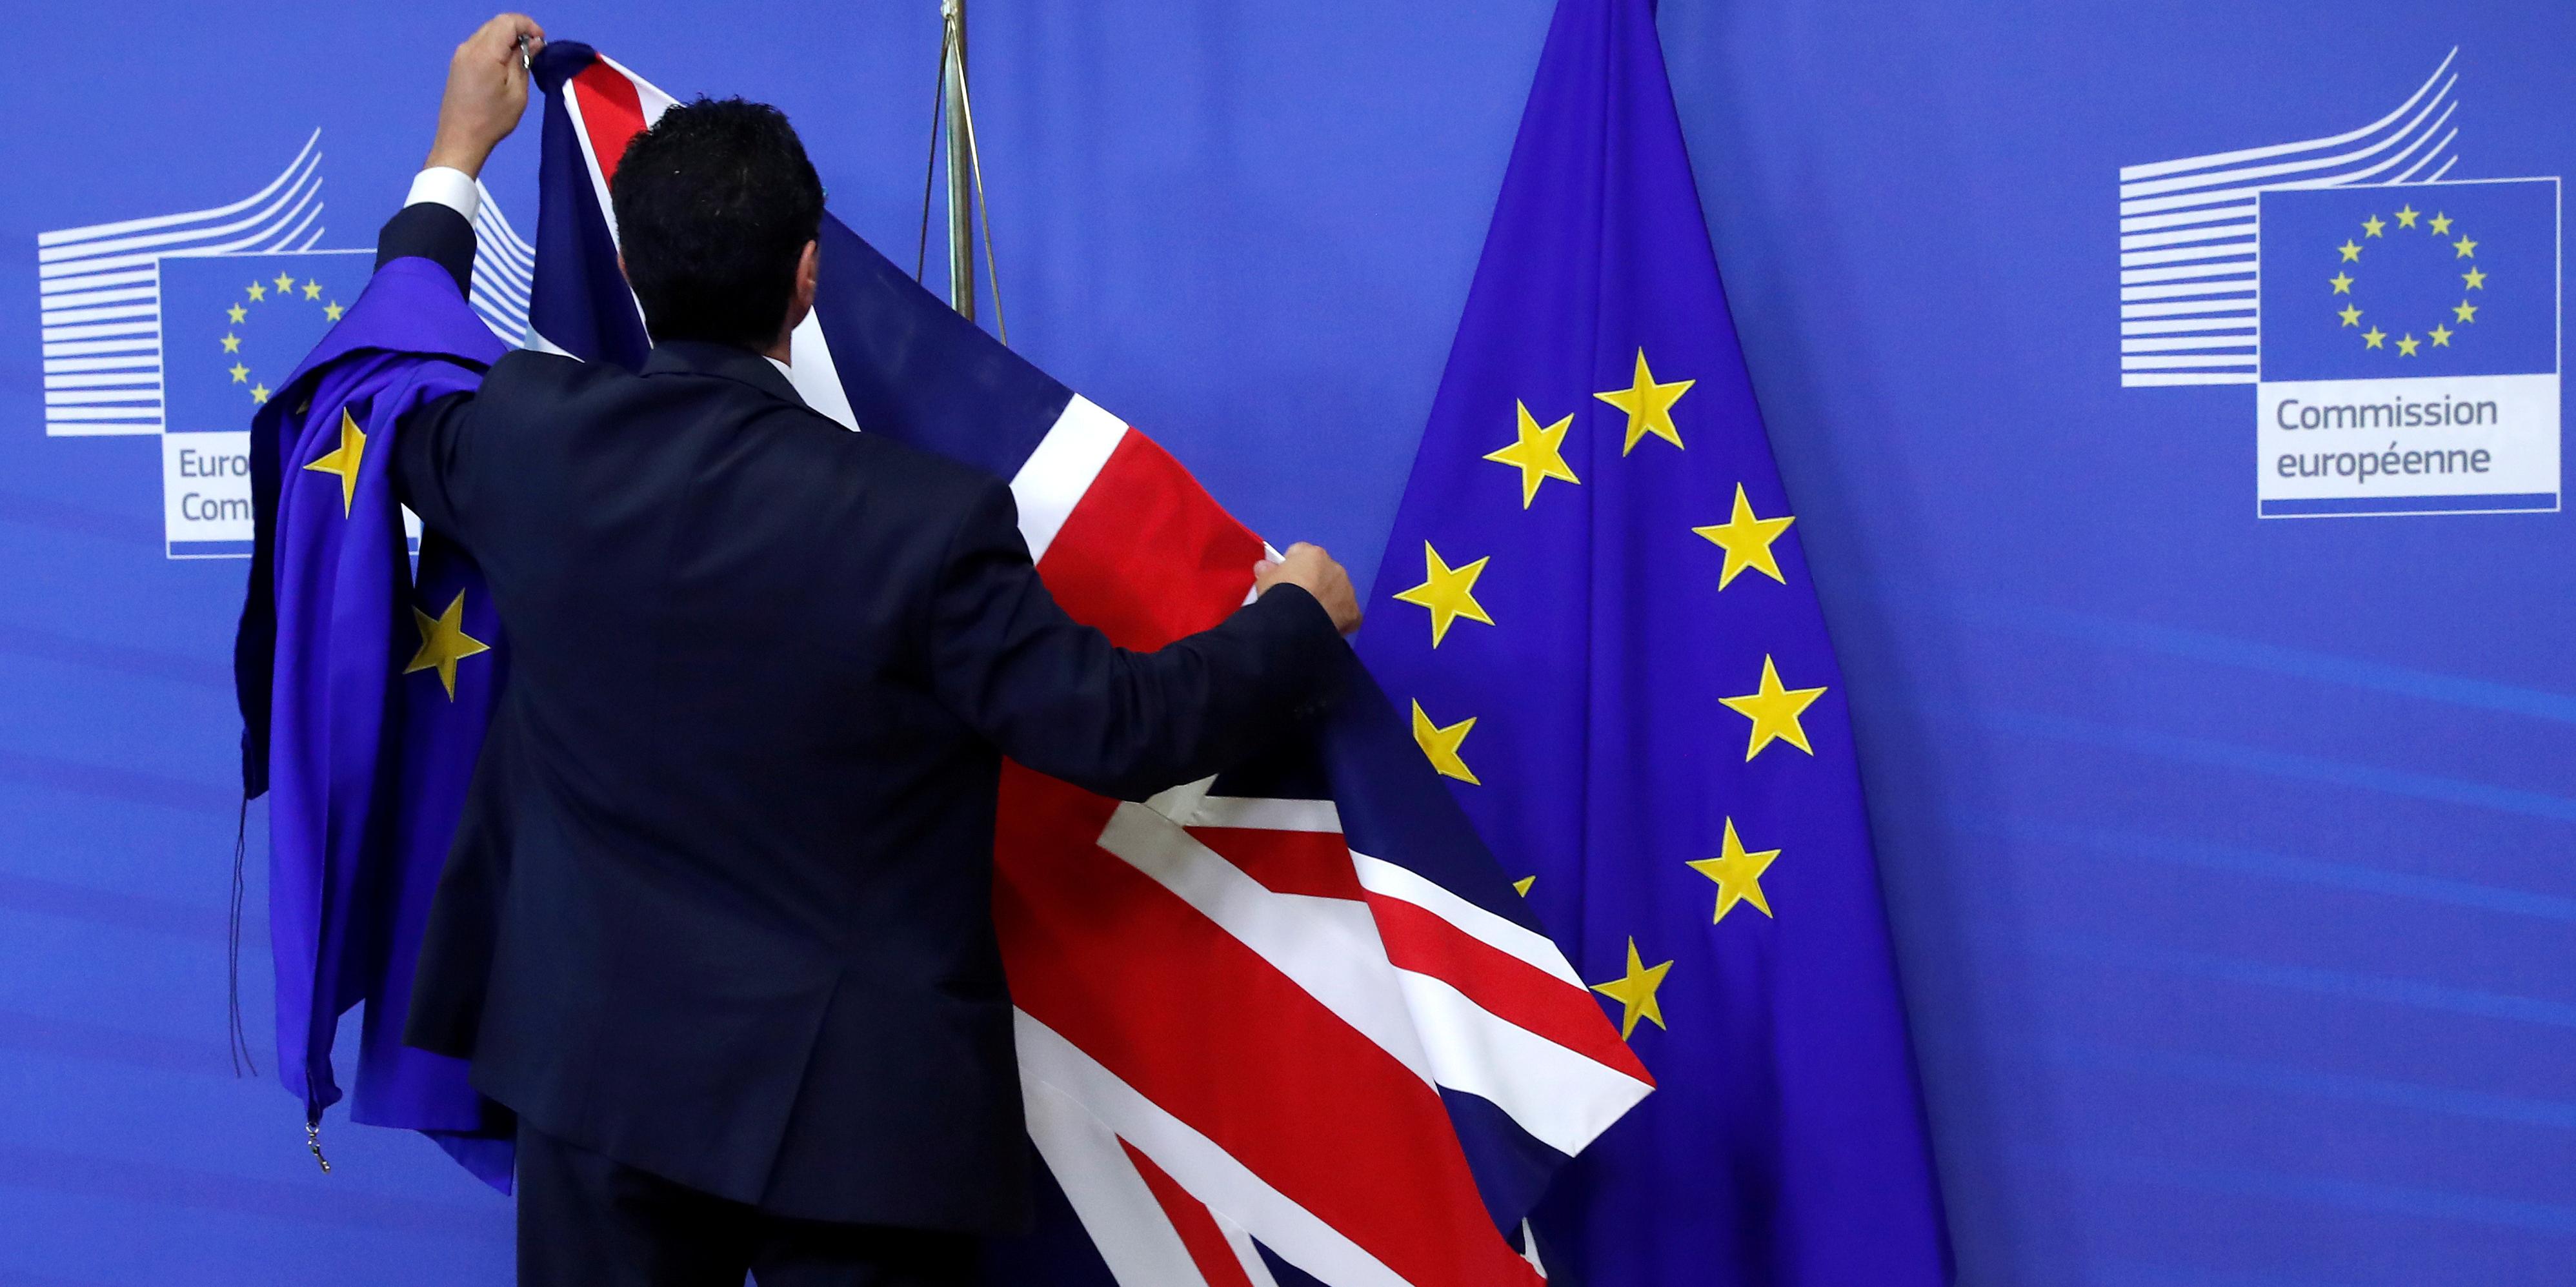 brexit-royaume-uni-union-europeenne-commission-bruxelles-parlement-drapeau